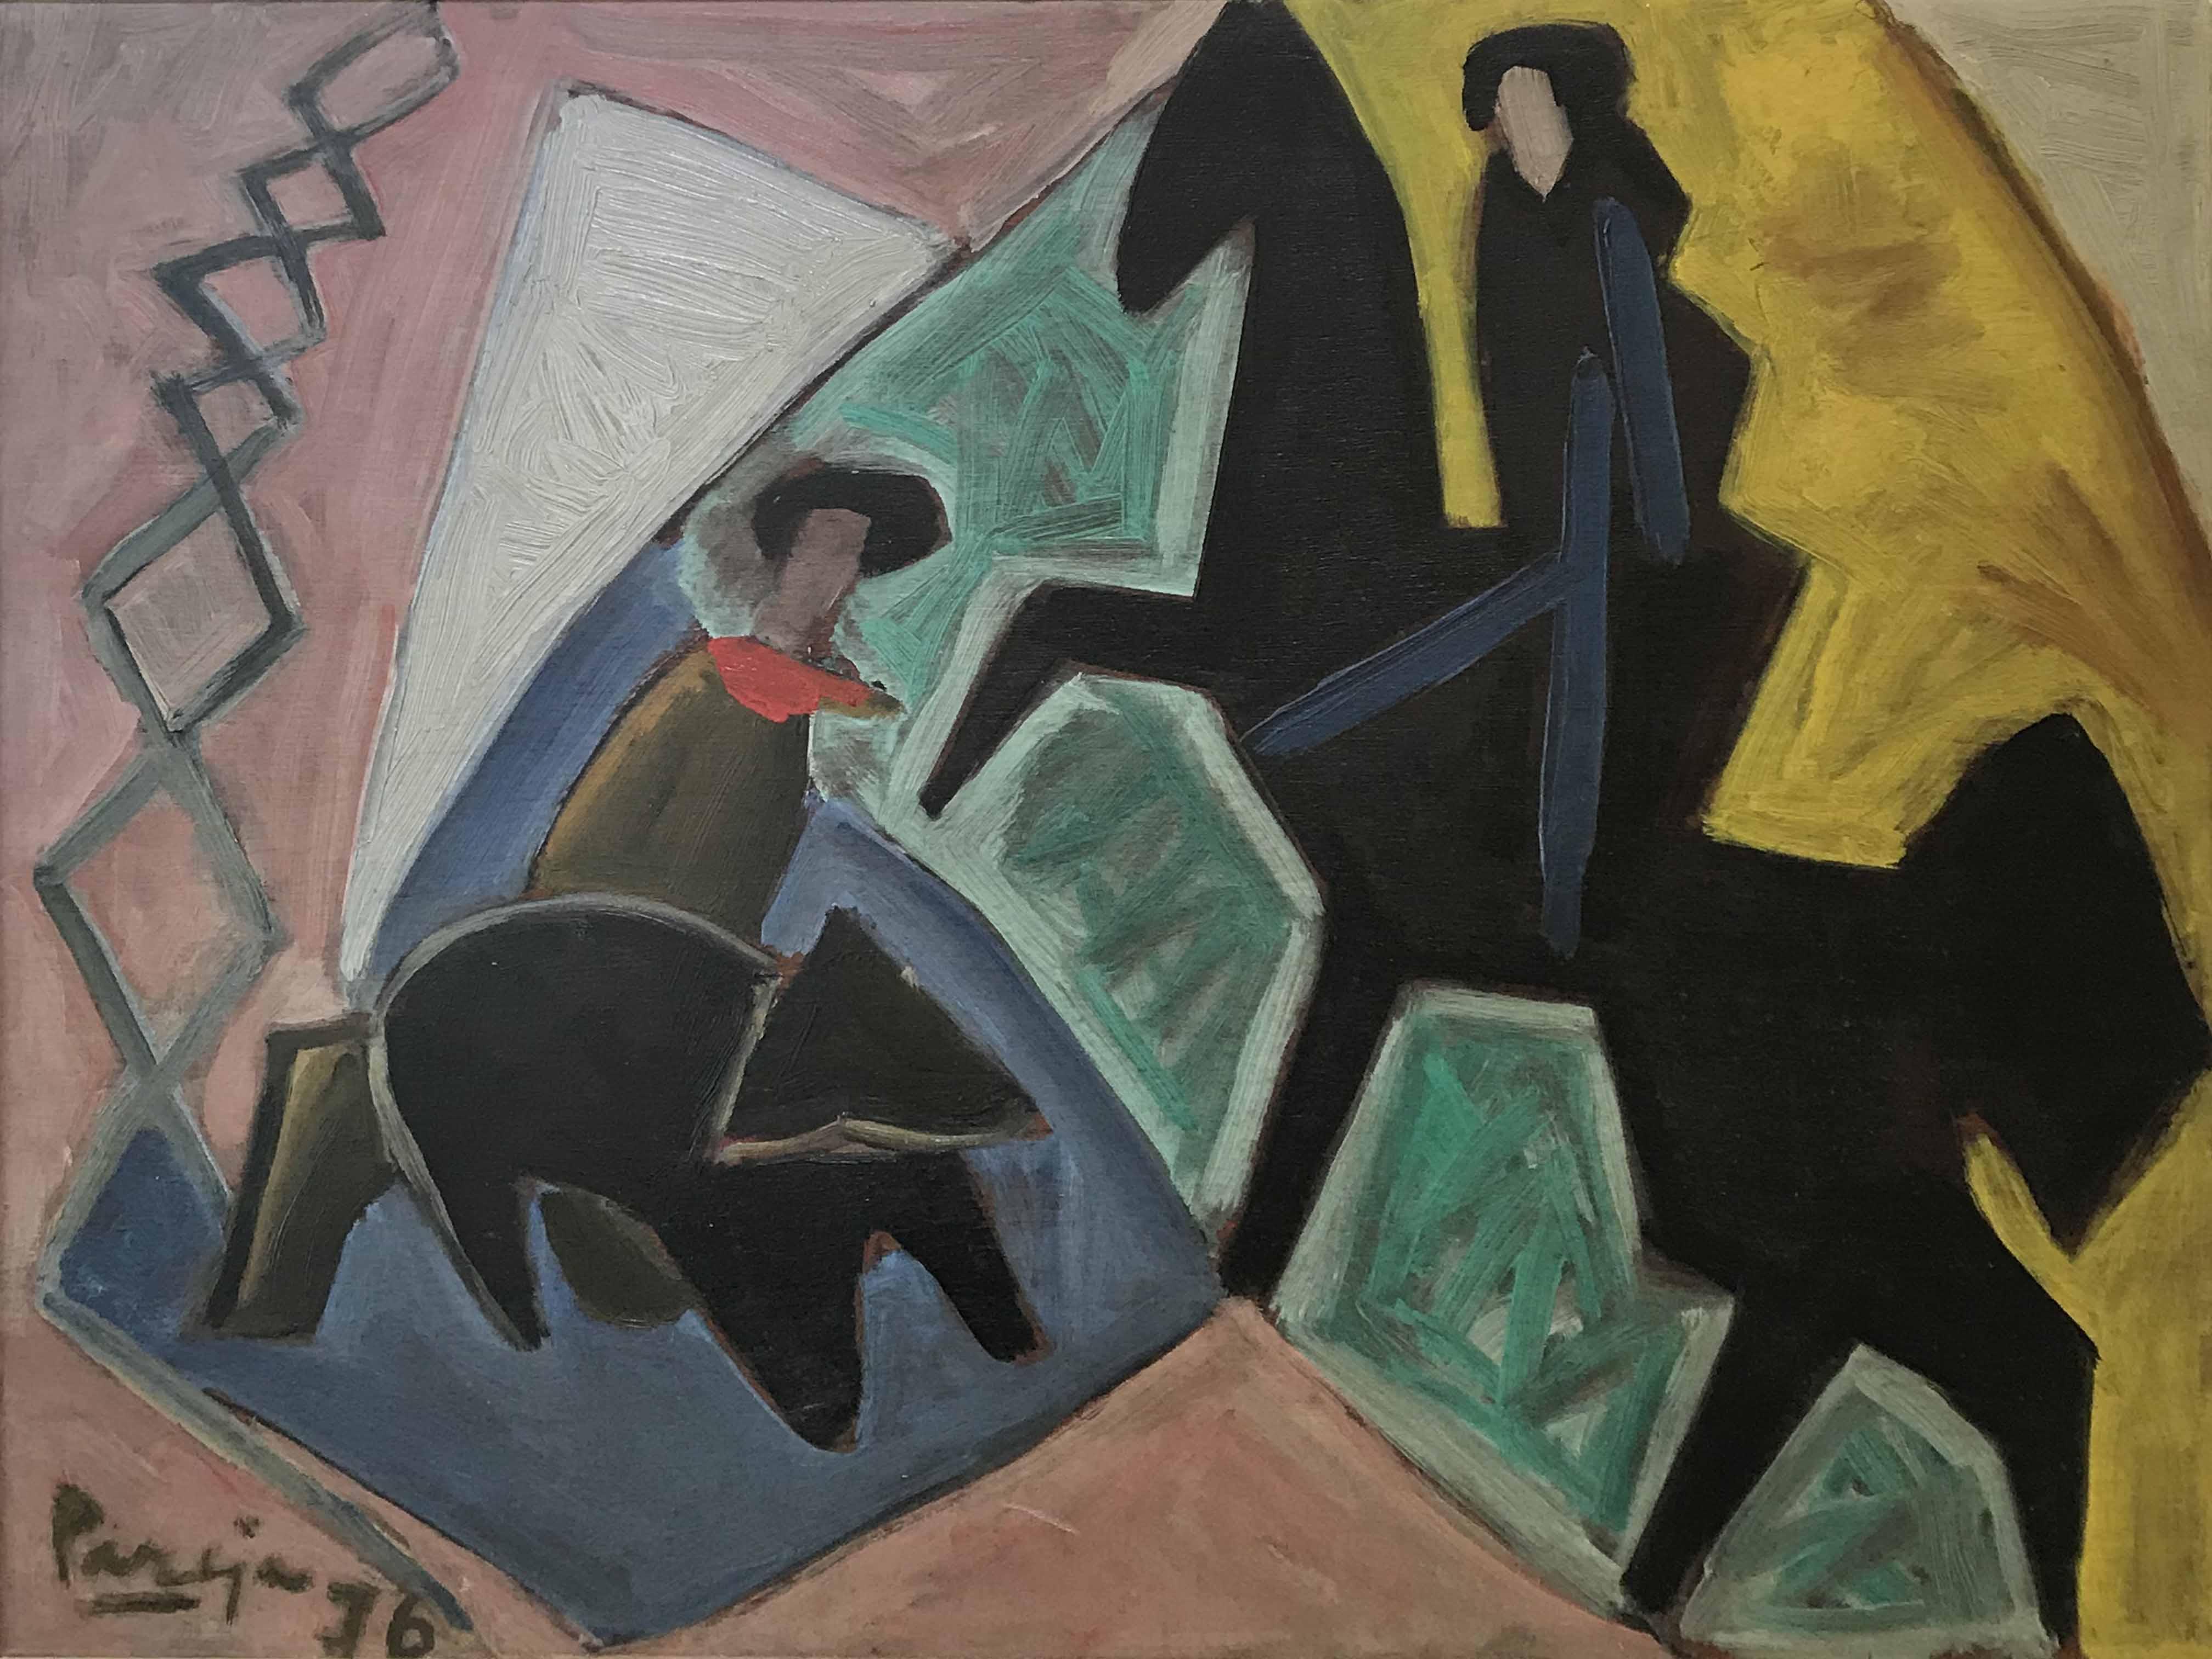 """MIGUEL ANGEL PAREJA (1908 - 1984) """"LA YERRA V. 1976"""" Oleo sobre madera; 60 x 73 cm. Homenaje a Miguel Ángel Pareja - Feb. 4 2006. Ficha 1269. POR CONSULTAS DE PRECIOS, CONTACTE LA GALERIA. FOR PRICE´S ENQUIRIES, PLEASE CONTACT THE GALLERY."""